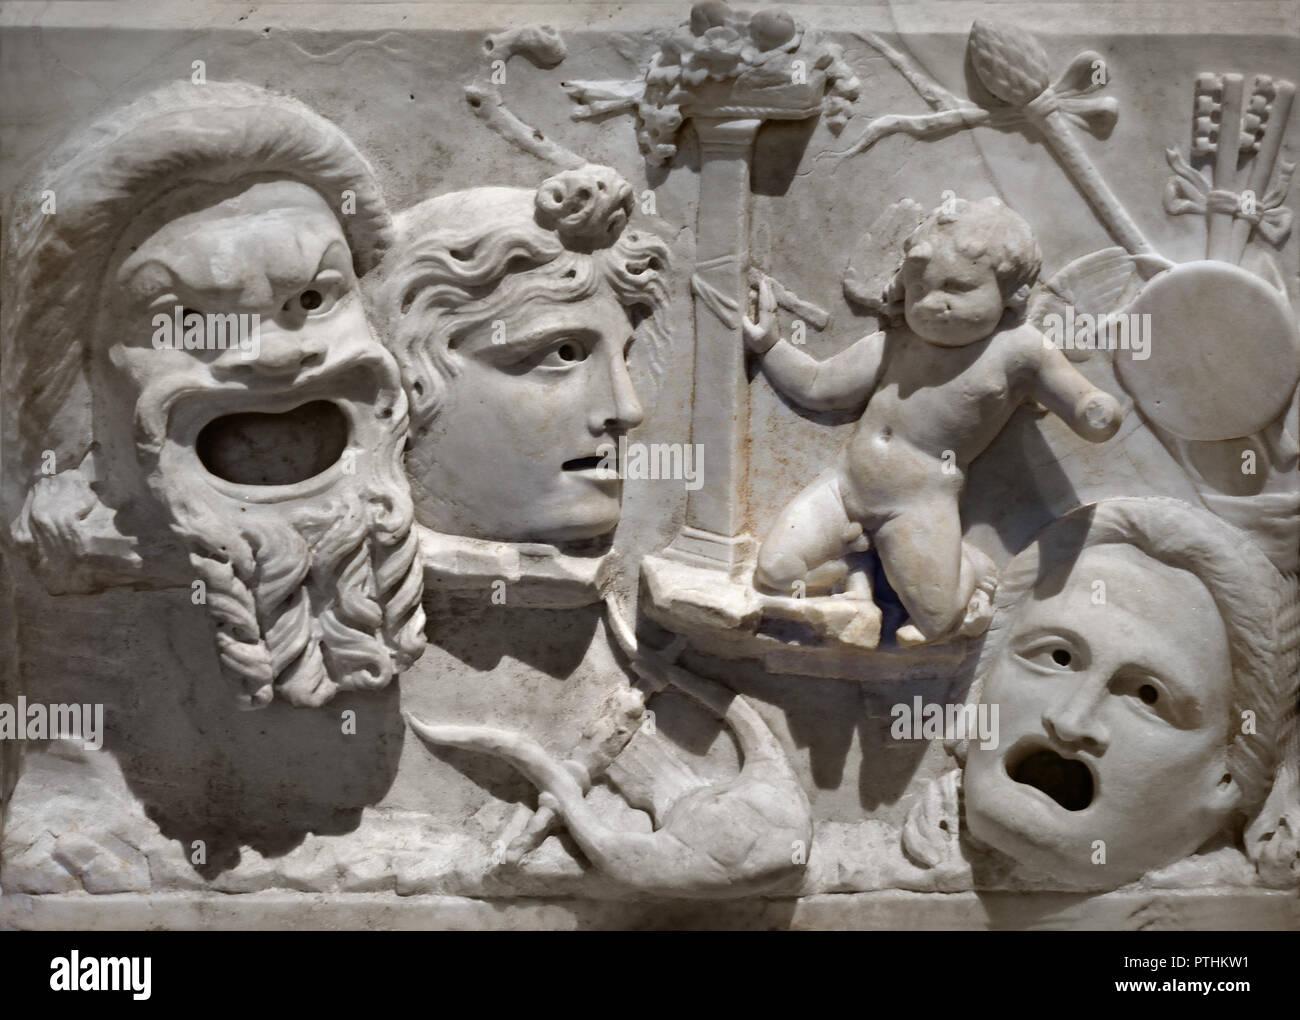 Doppelseitige Maske relief Roman 2. Jahrhundert AD (Bärtigen Comic- und unregelmäßige Dionysischen Maske stehen auf einem schmalen Sims, eine kleine Eros ist Ausgeflogen und prallt zurück in Horror aus der grotesken Masken. Der dionysische Attribute in der rechten oberen Ecke mit, Tympanon, Flöte und thyrsus Personal) Stockbild